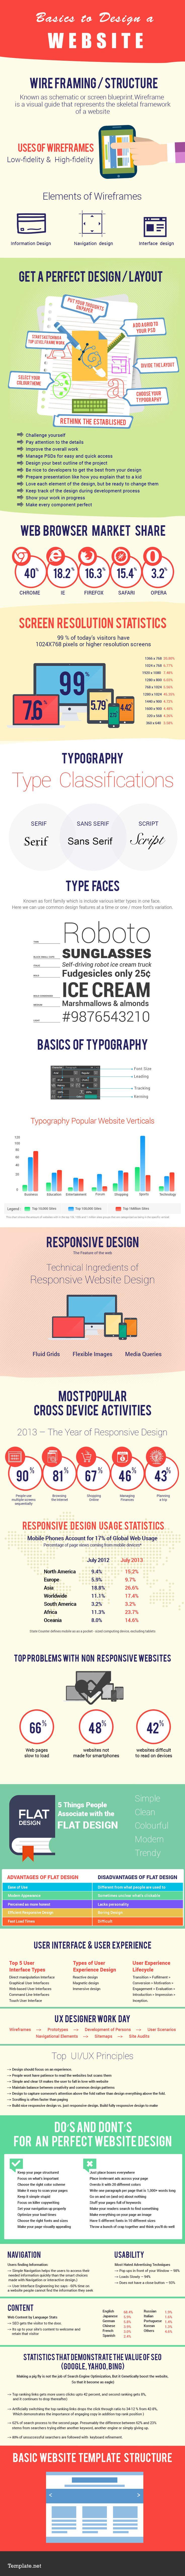 Extraordinaria infografía a modo de guía con consejos para diseñar una página web funcional, atractiva y actual. ¡Recomendada!